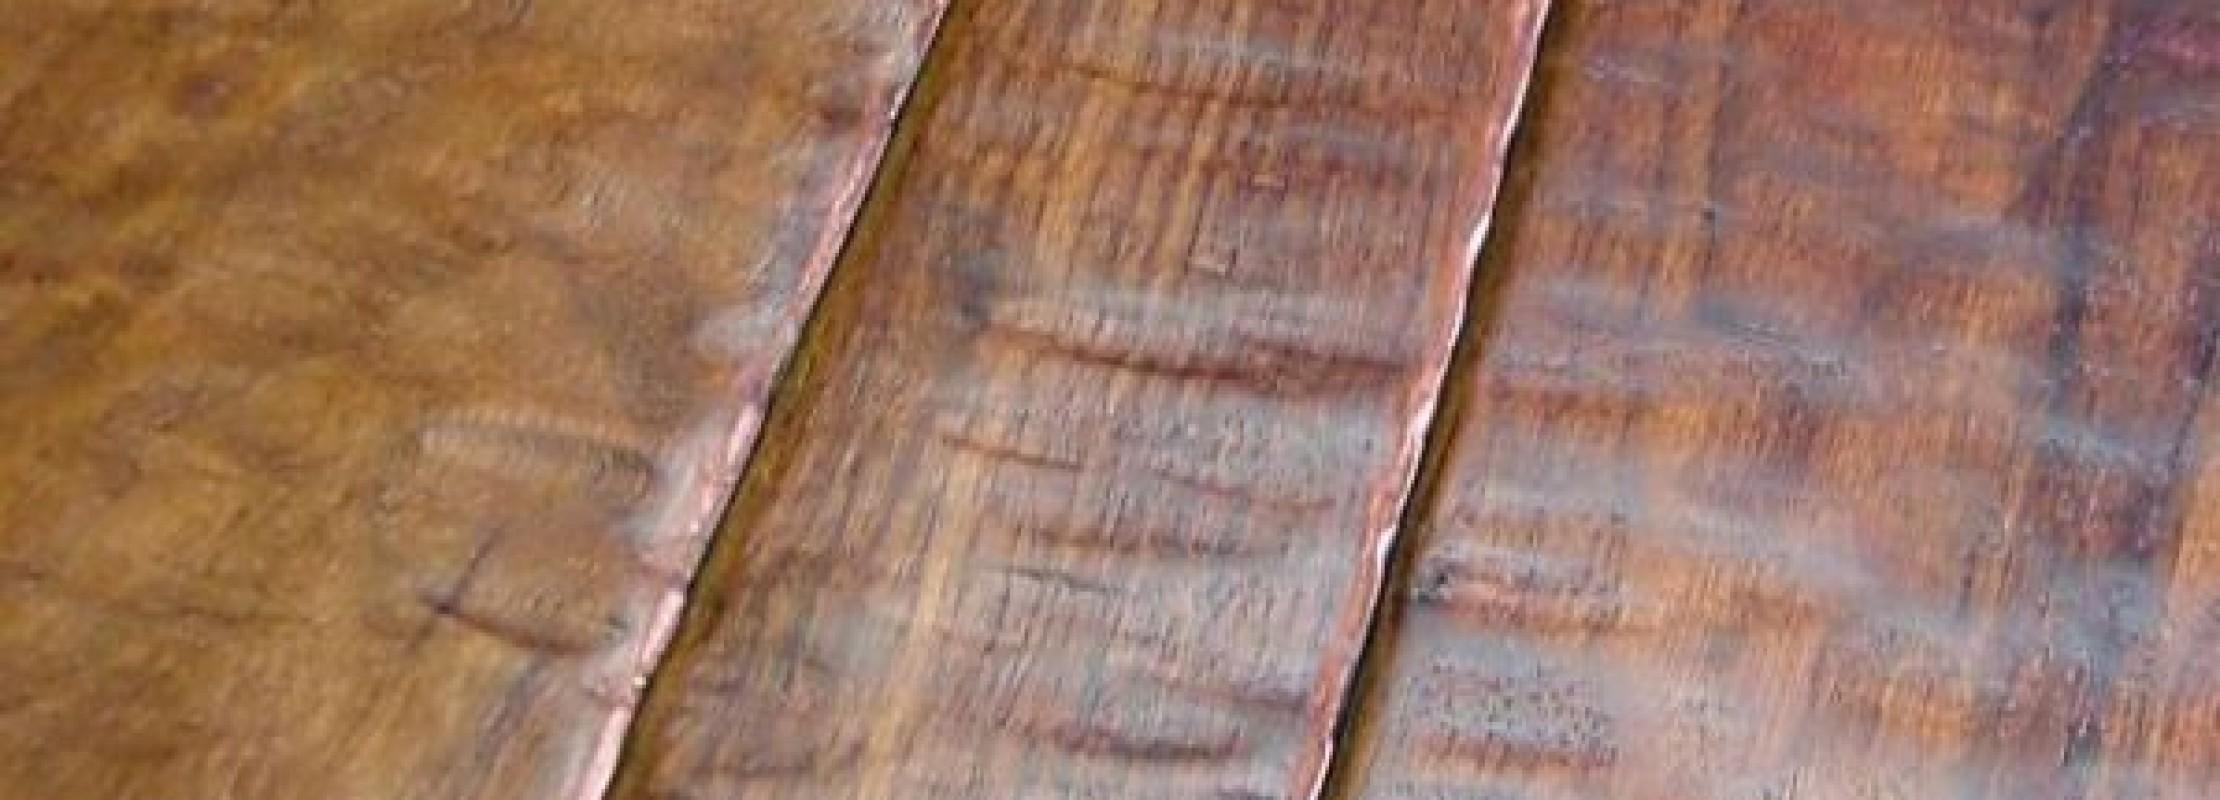 Pavimenti finto legno: cosa sapere   Blog Edilnet